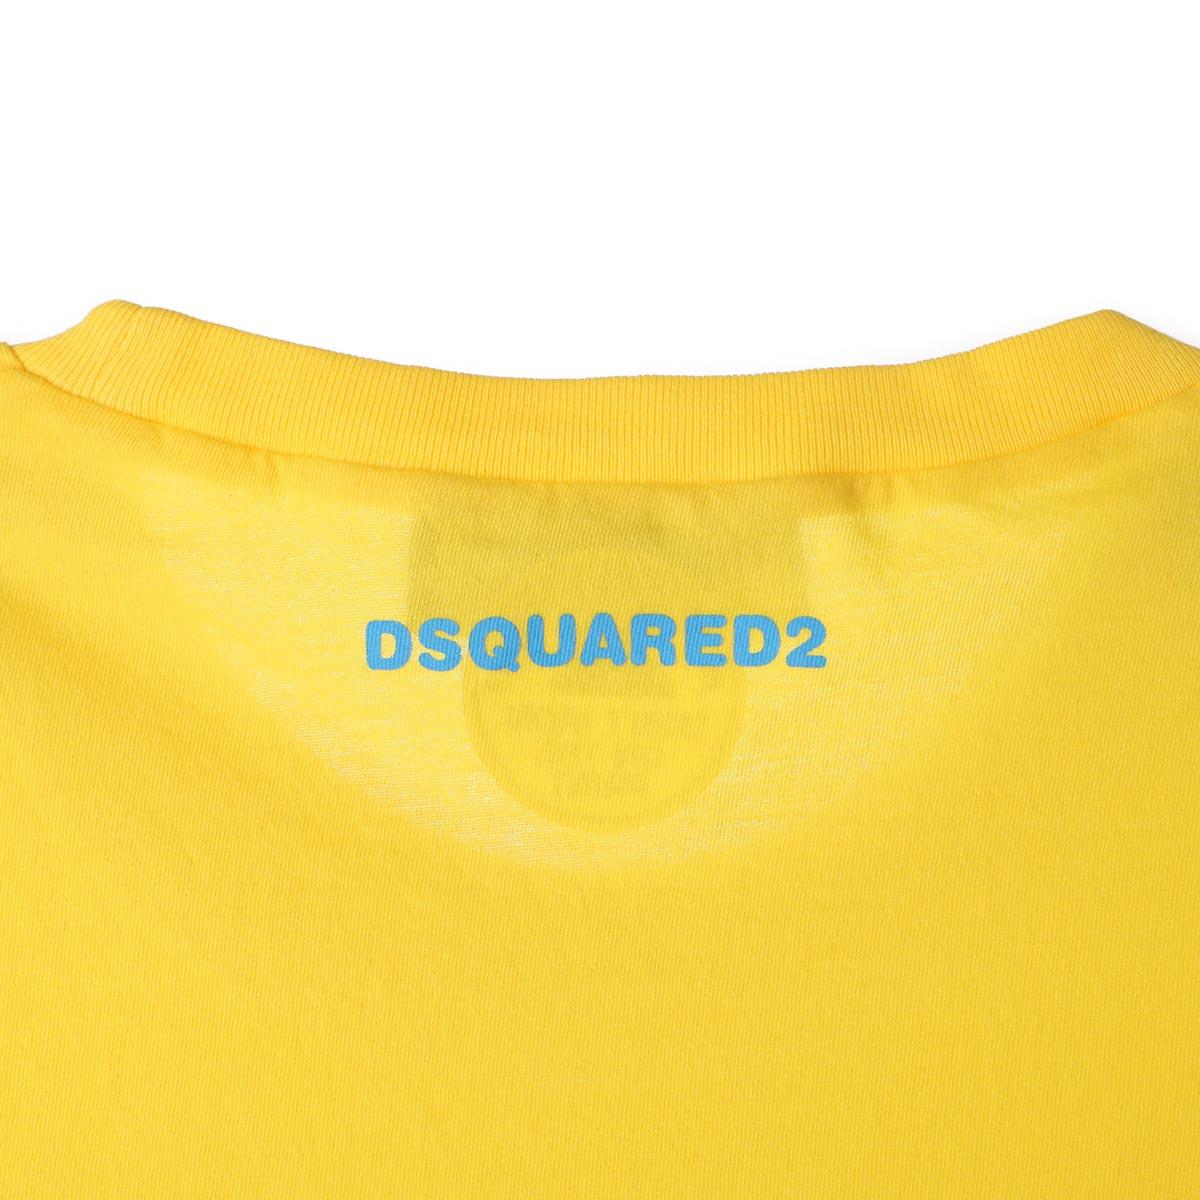 ディースクエアード DSQUARED2 クルーネック Tシャツ メンズ s74gd0838 s21600 186 あす楽対応_関東 返品送料無料 ラッピング無料 2021SS